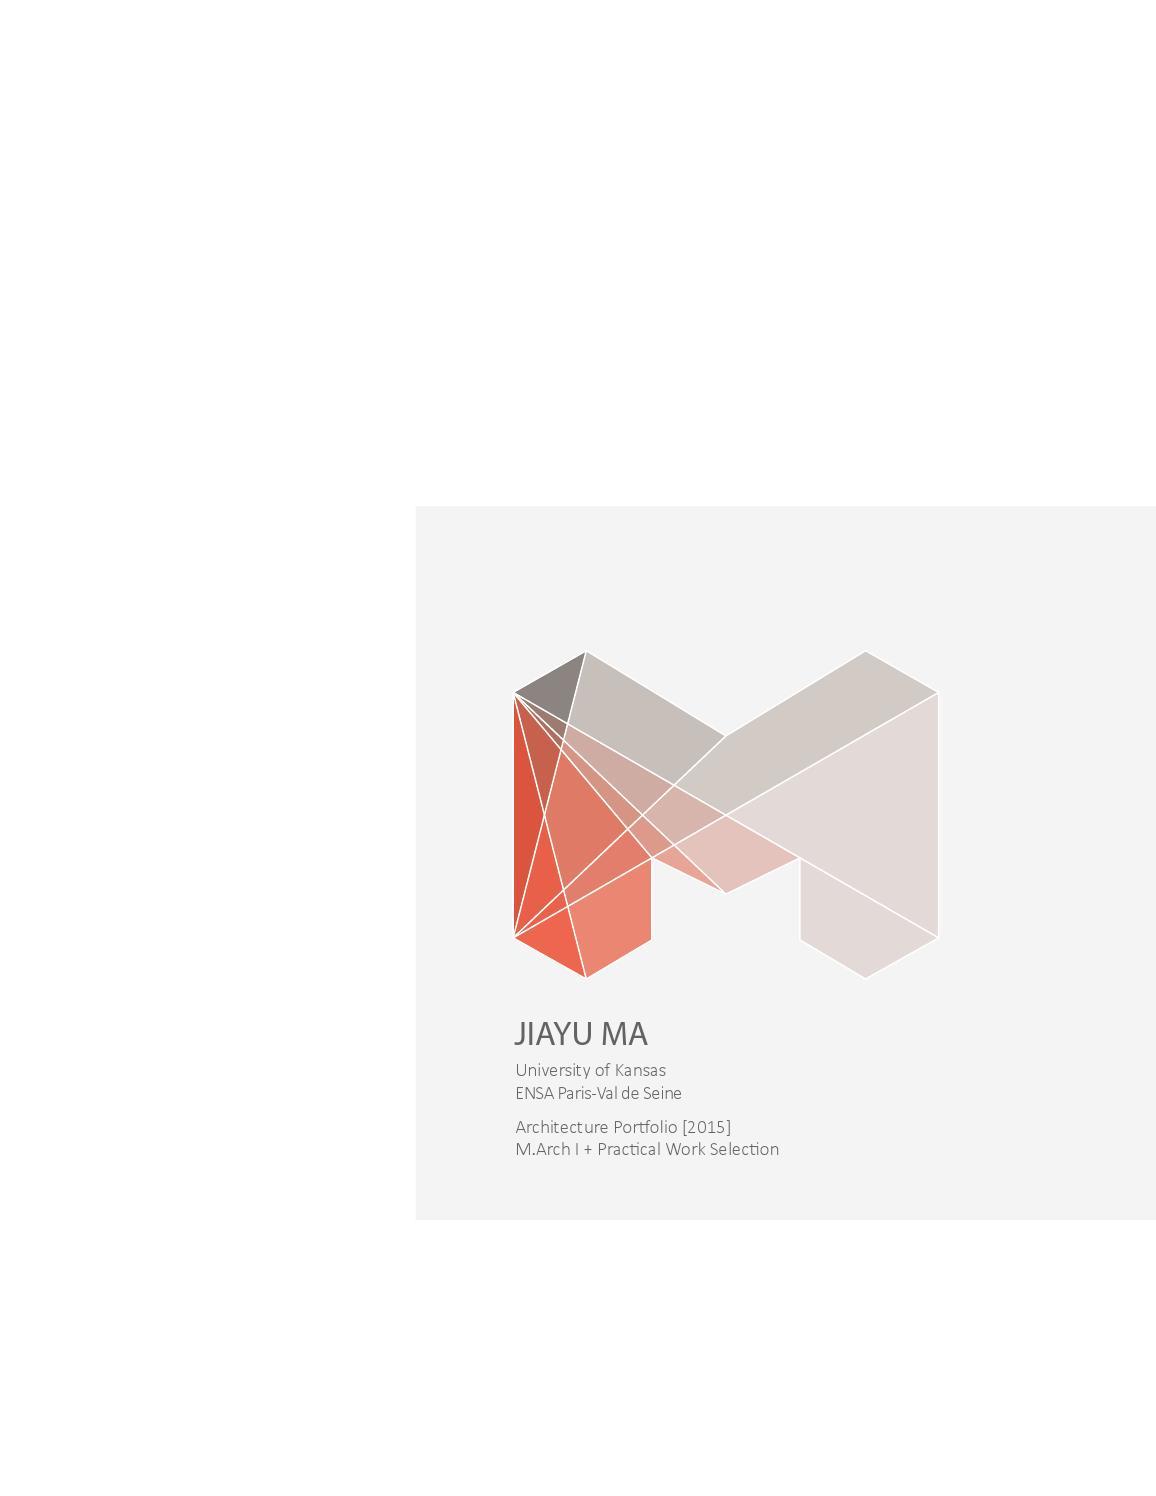 Ensa Paris Val De Seine jiayu 2015 portfolio (draft)jiayu ma - issuu